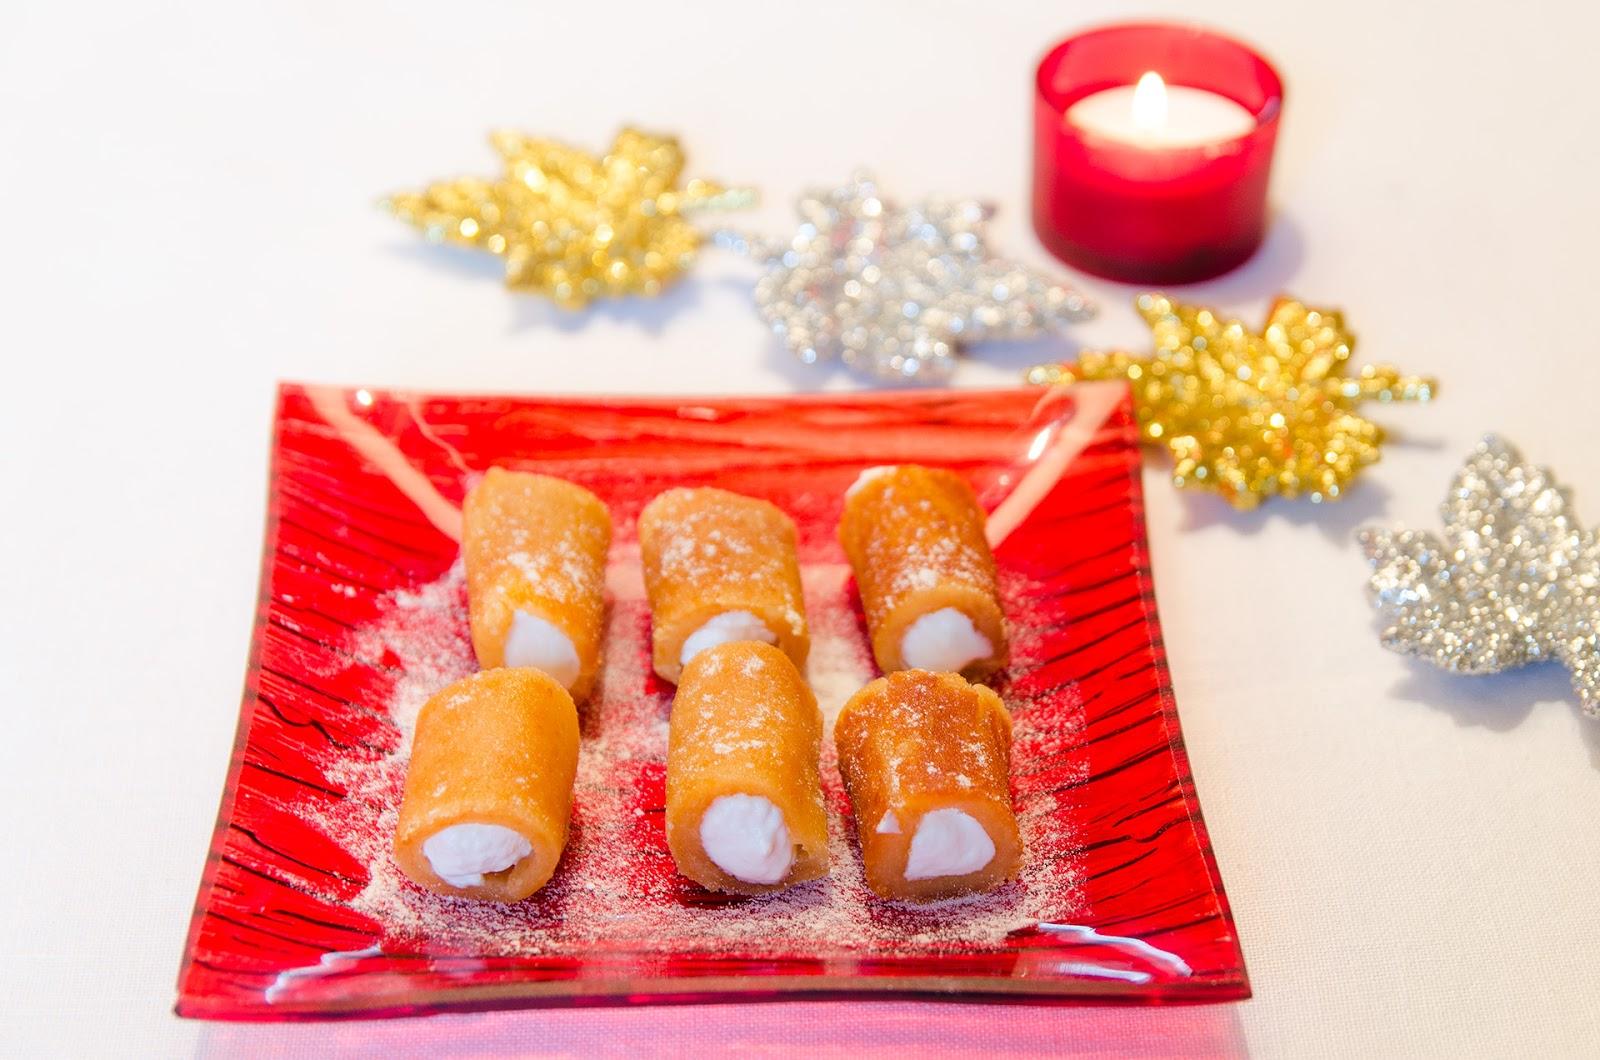 receta-postre-navidad-canutillos-turron-nata-montada-cocina-navideña-facil-bruja